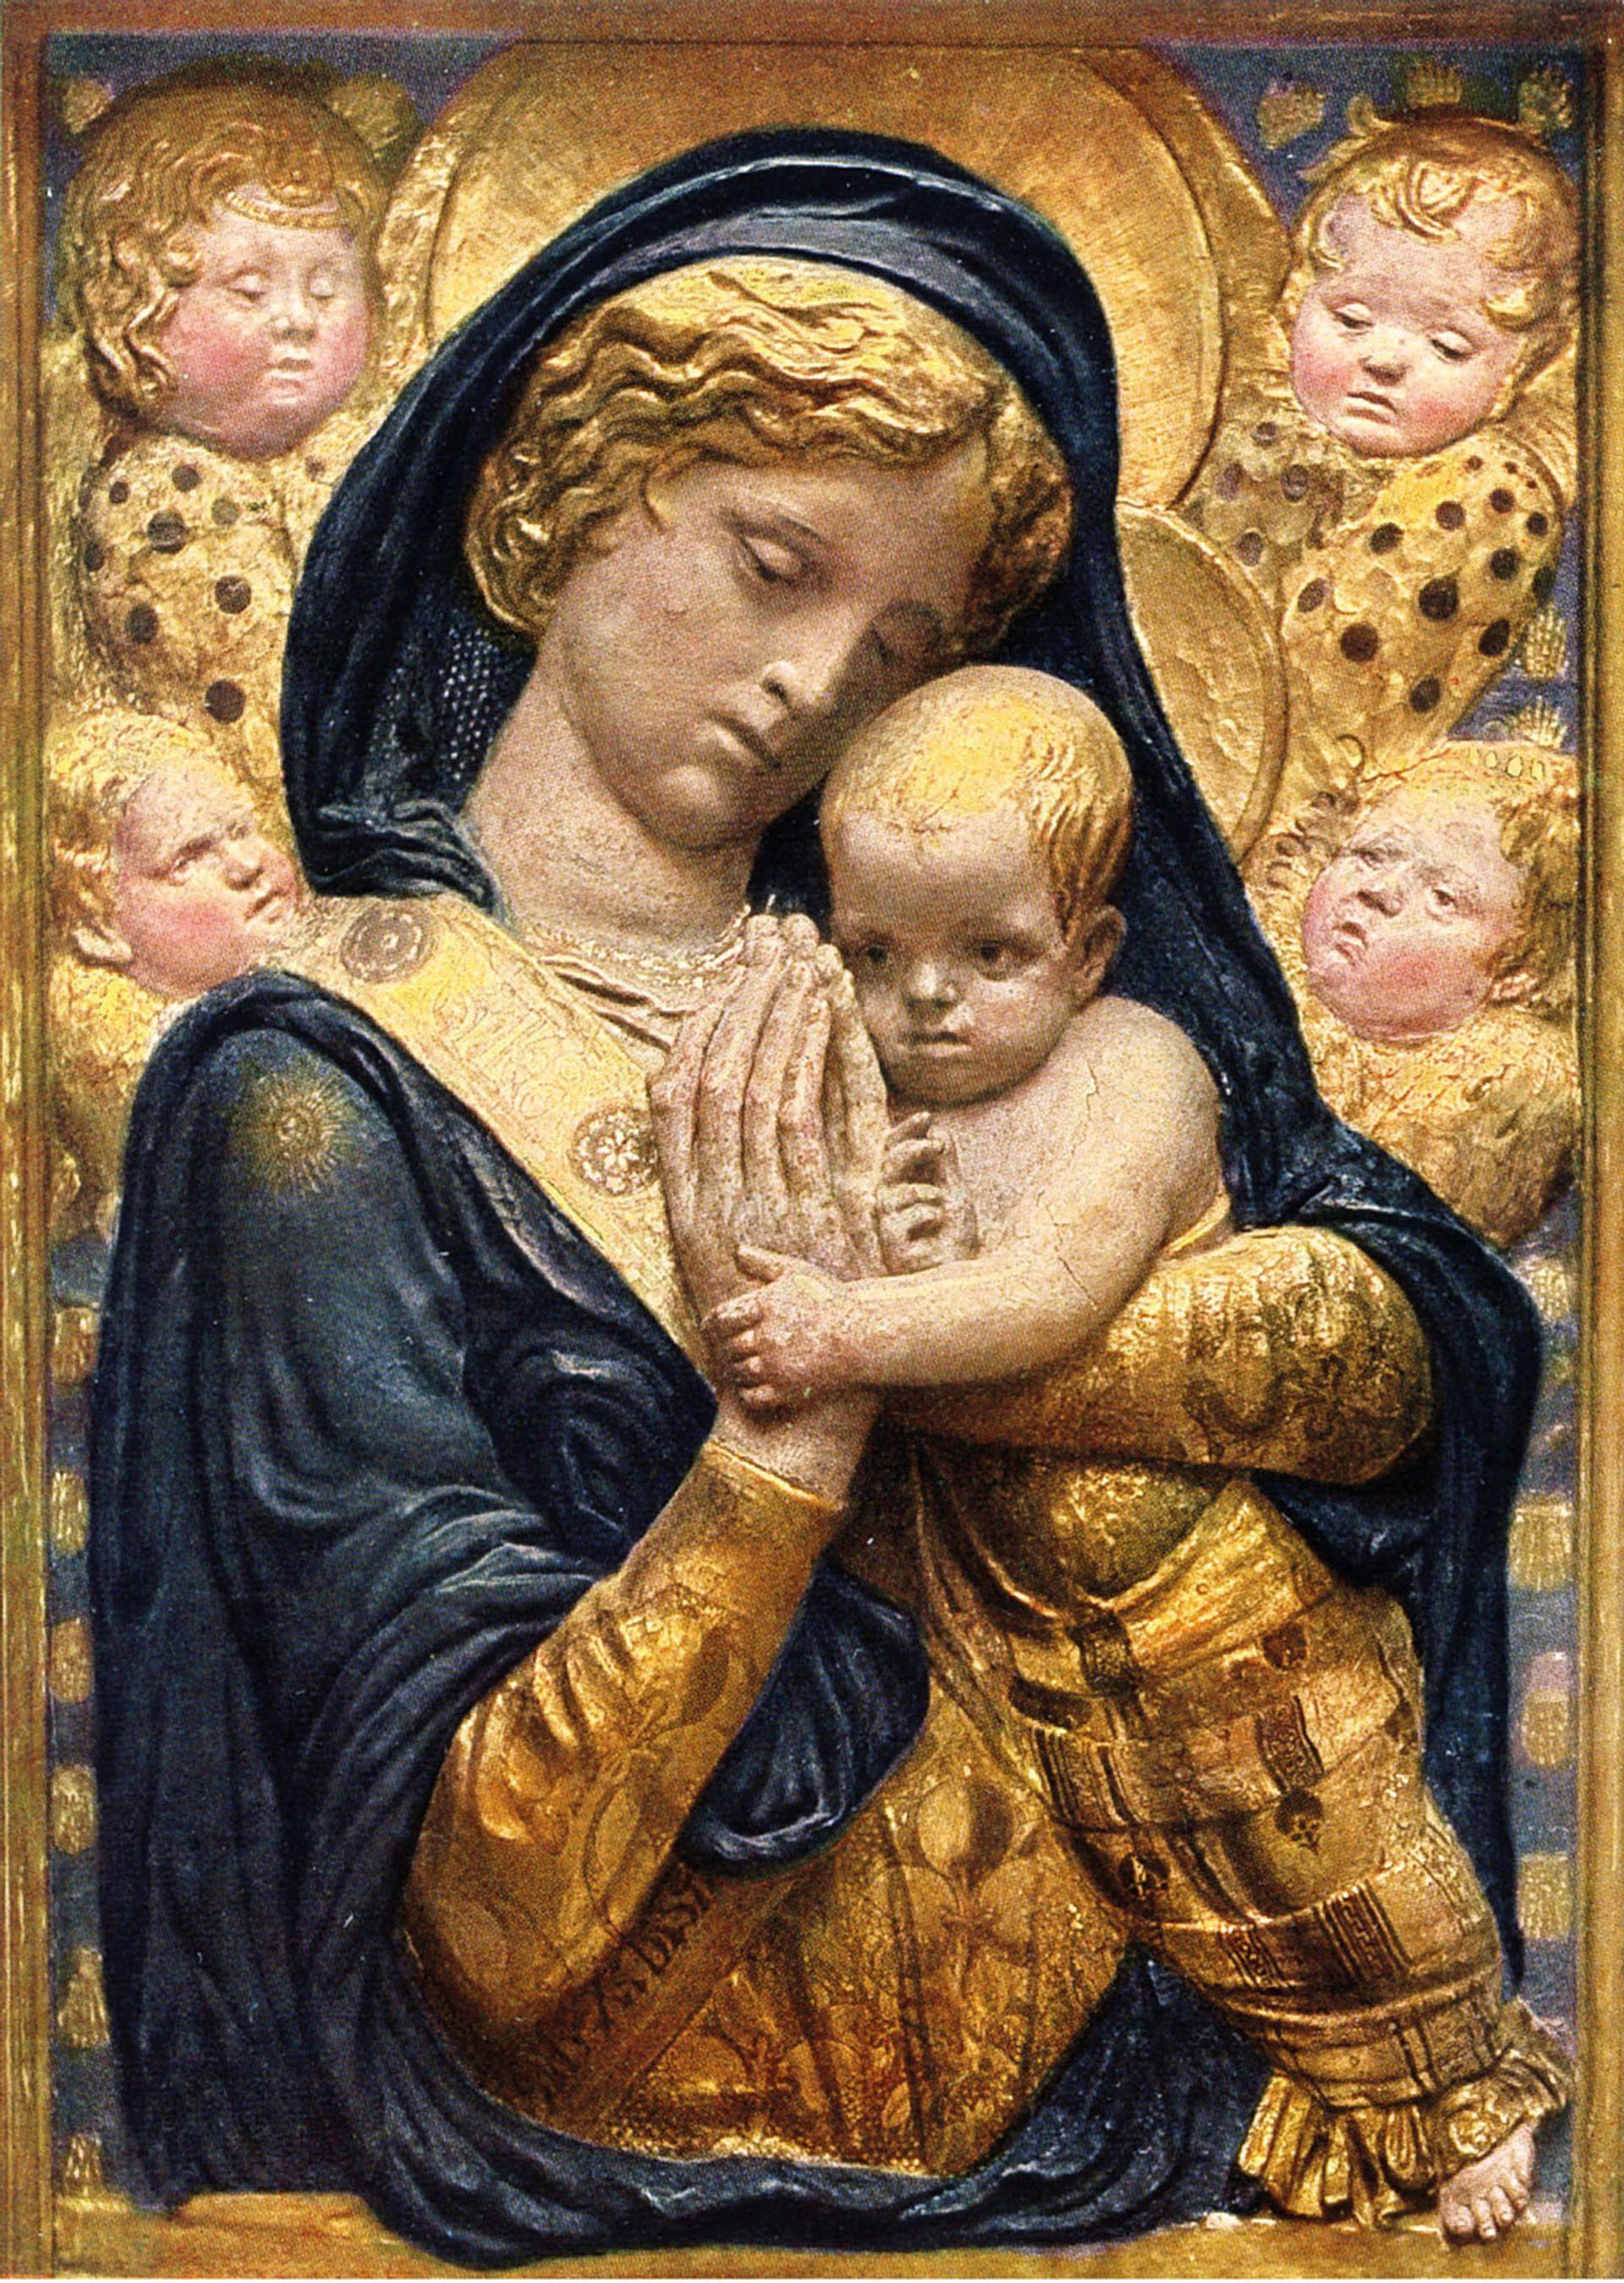 Donatello's Madonna with Cherubim (around 1440) before the fire. Staatliche Museen zu Berlin, Skulpturensammlung und Museum für Byzantinische Kunst